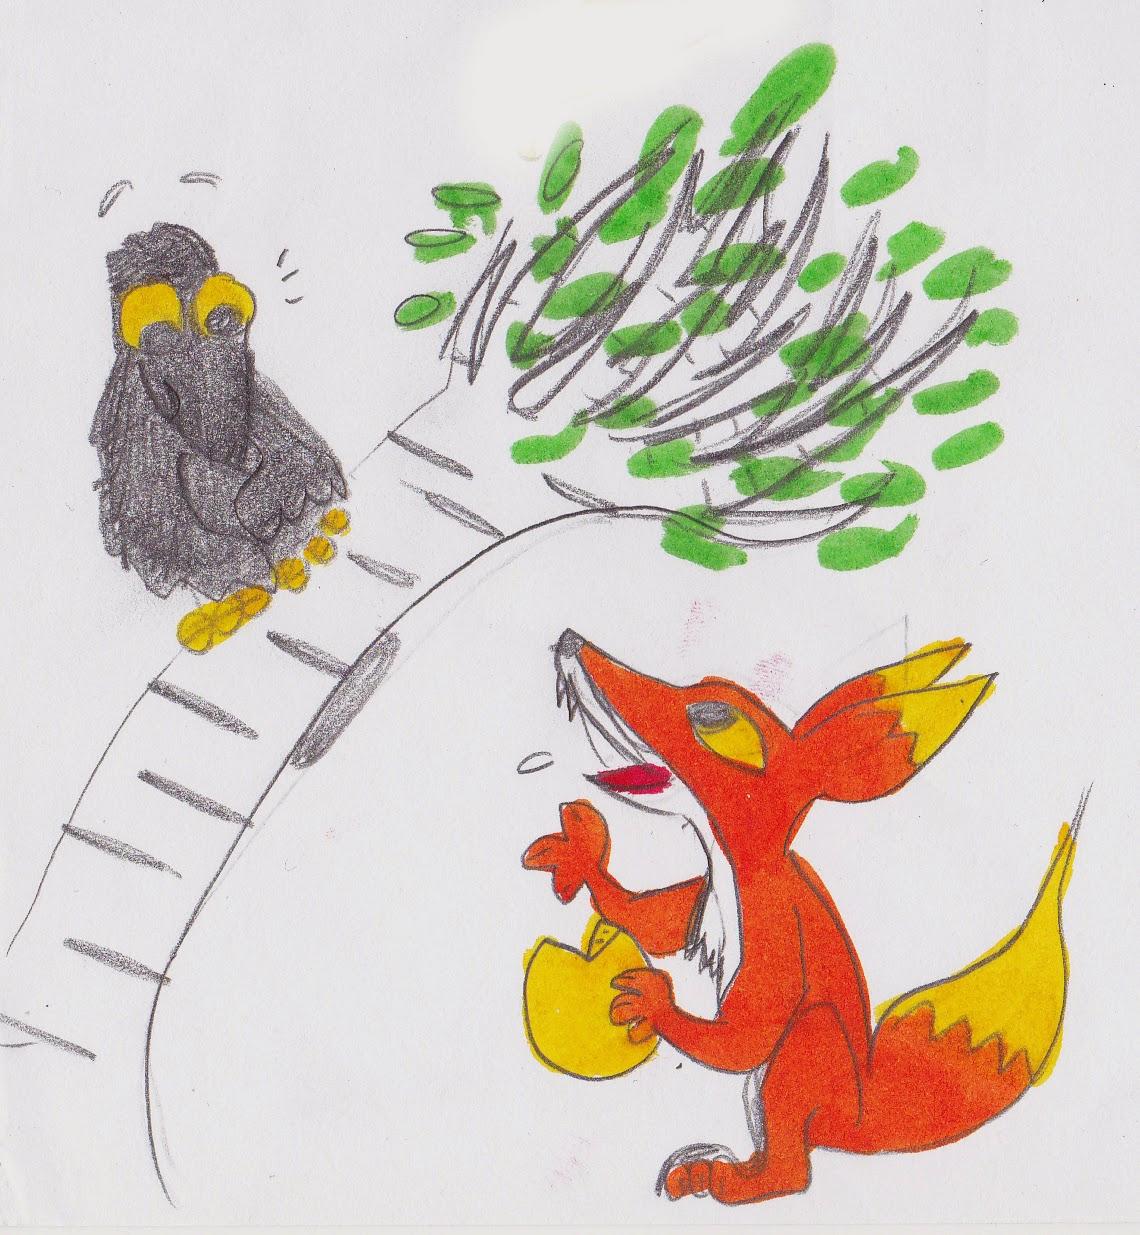 Le monde de fleufinette mes bd fantastiques dessins et autres choses illustration de la - Coloriage le corbeau et le renard ...